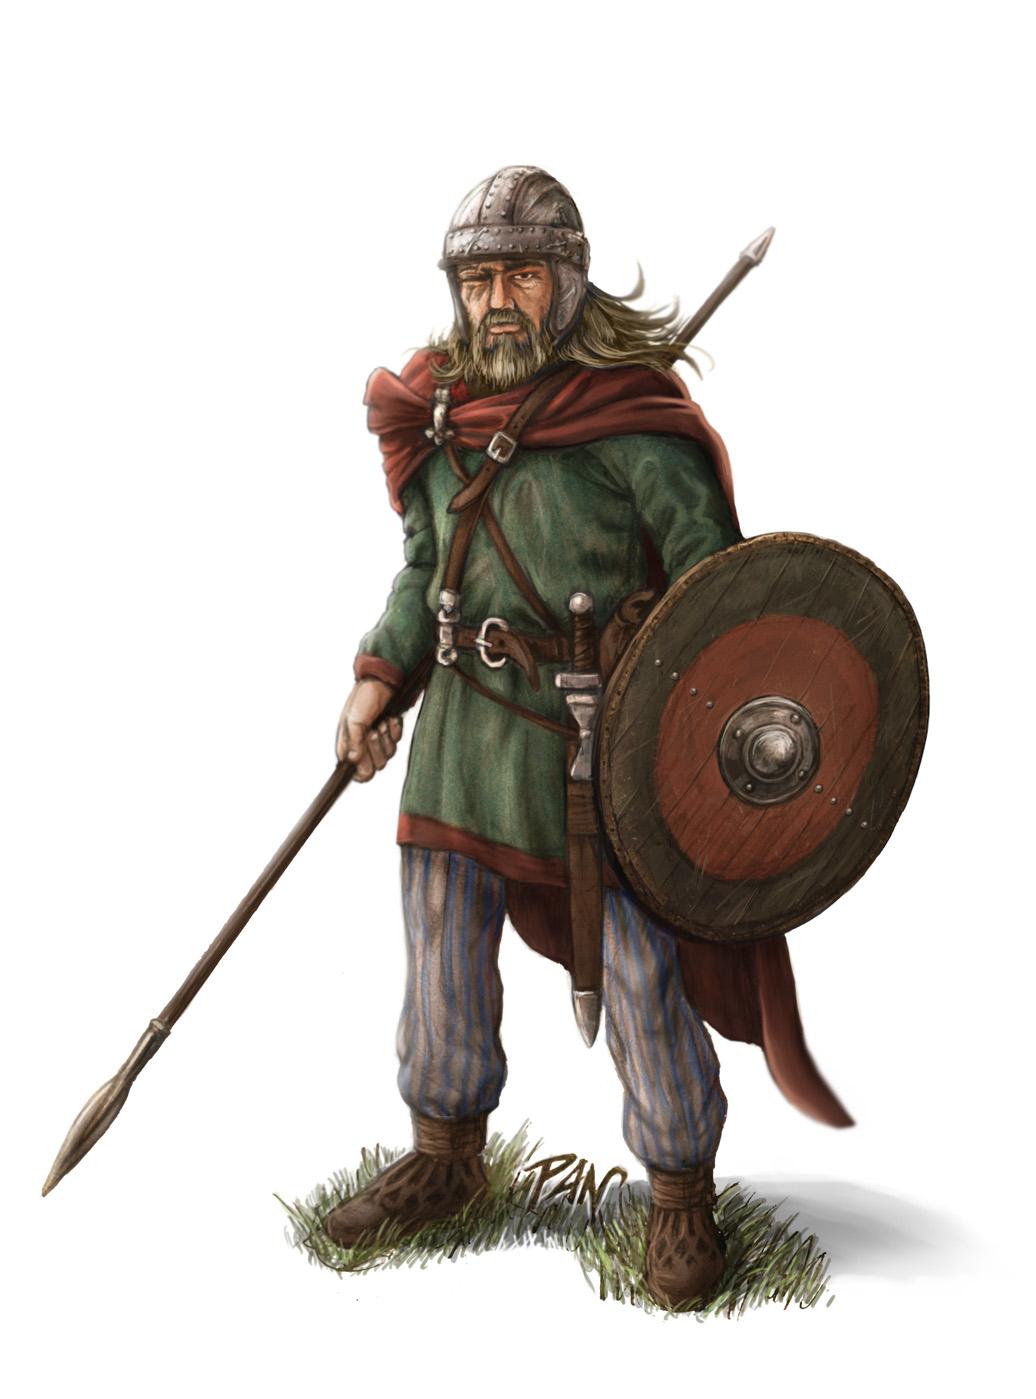 Visigoth Warrior by Panaiotis